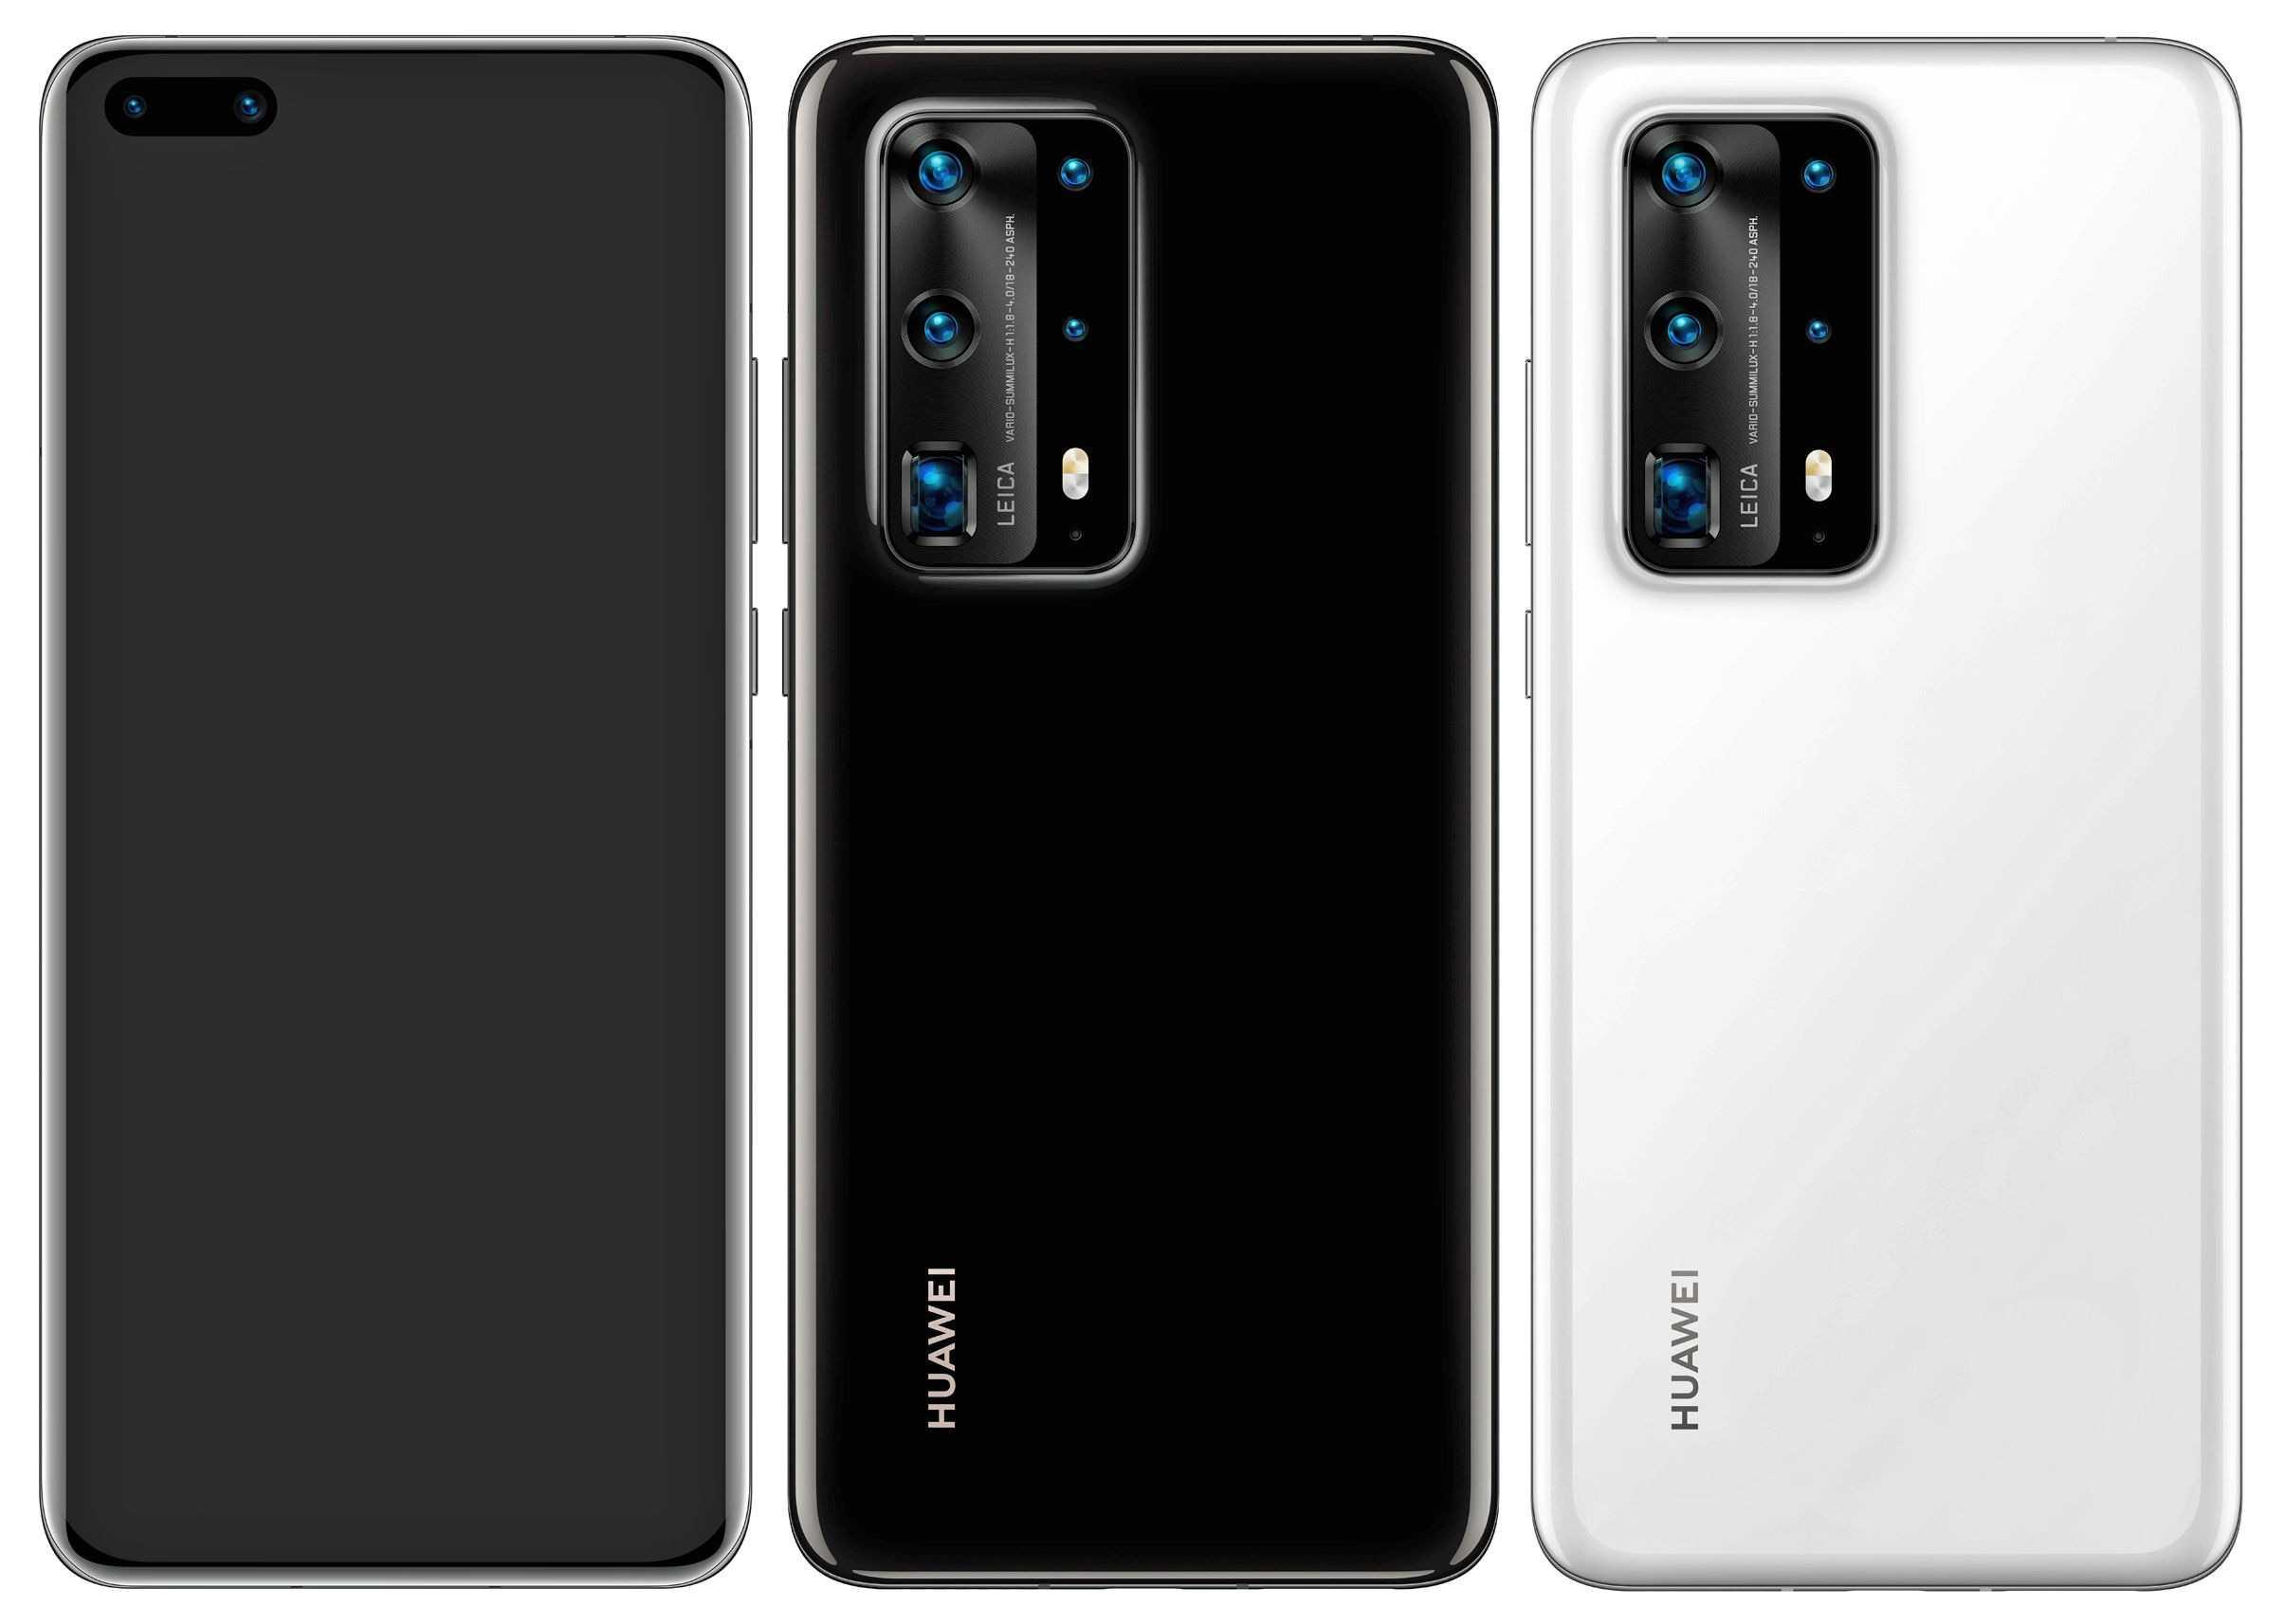 Как обновить хуавей и хонор до андроид 10: список обновляемых смартфонов